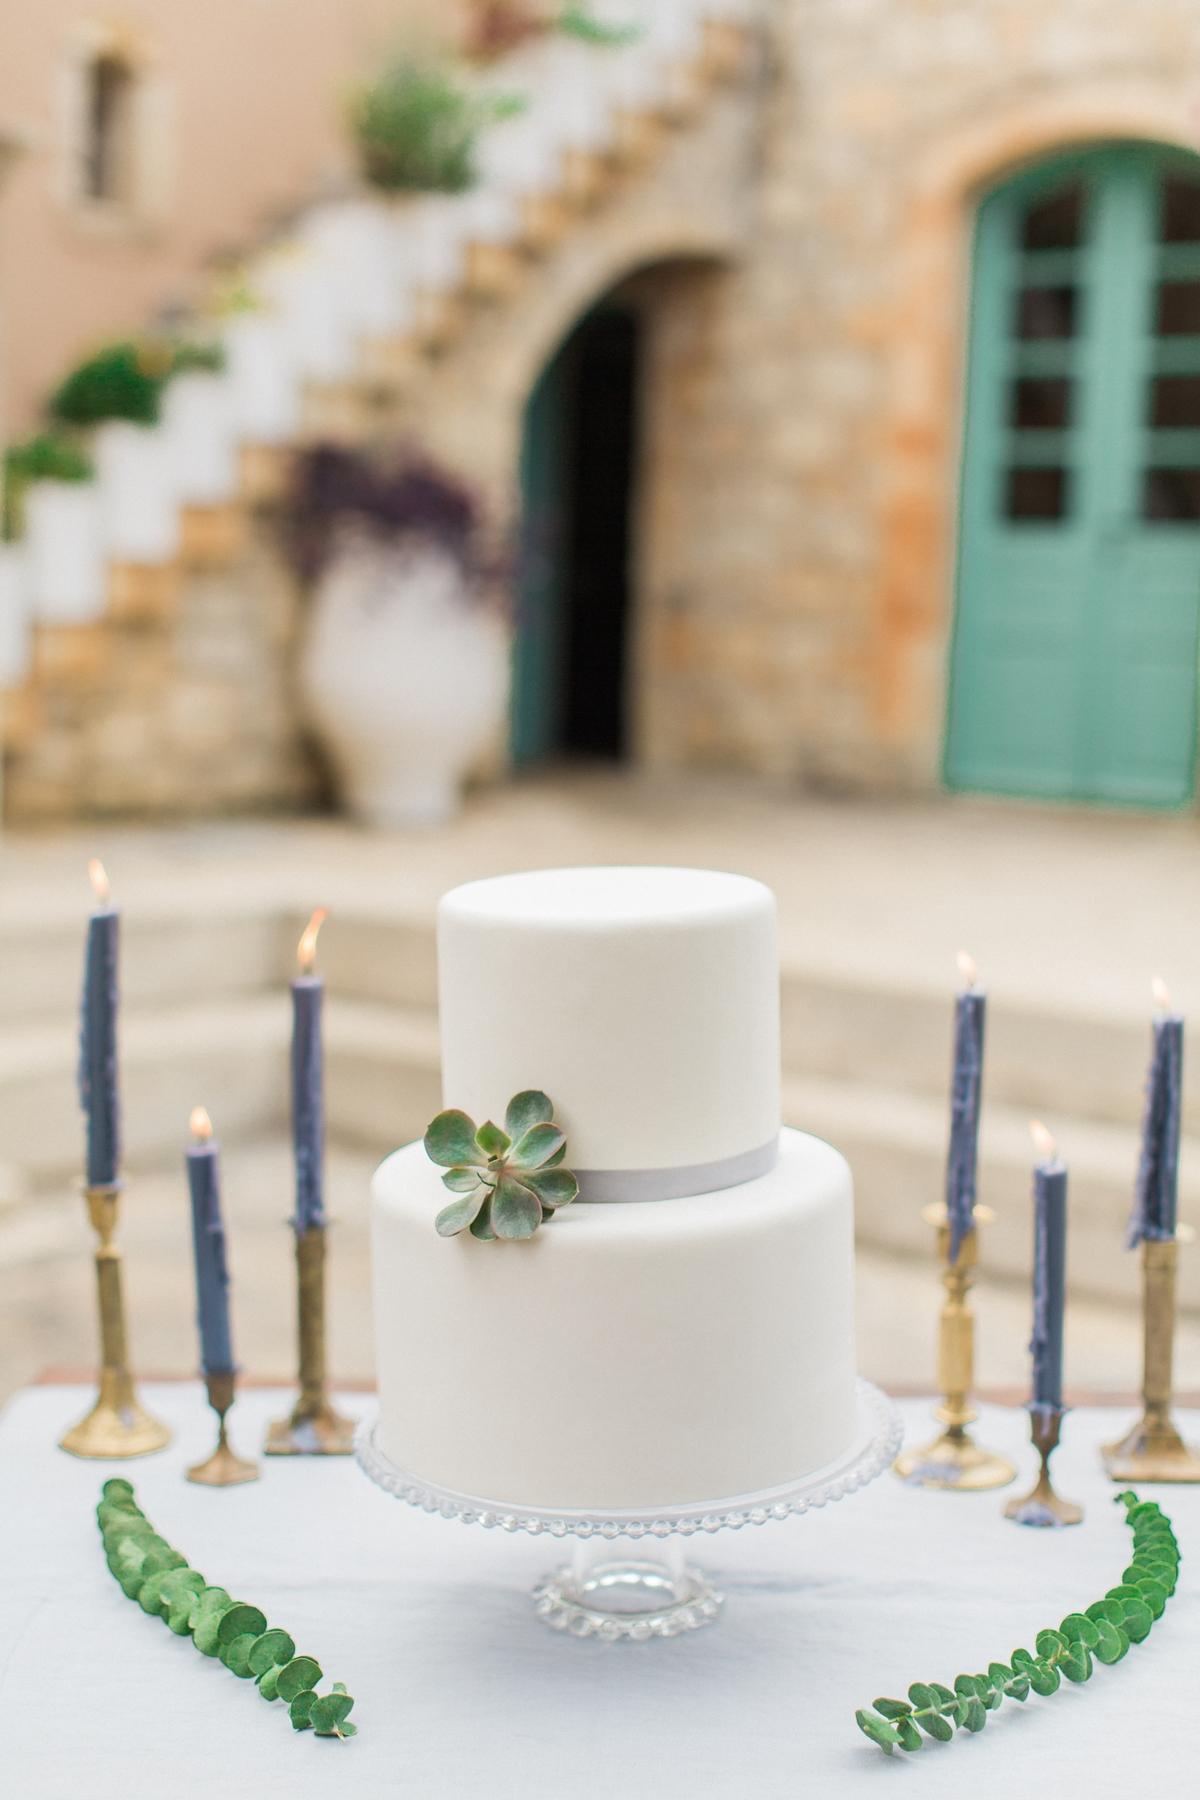 Λευκή τούρτα γάμου για rustic γάμο με κλαδιά και φύλλα ελιάς